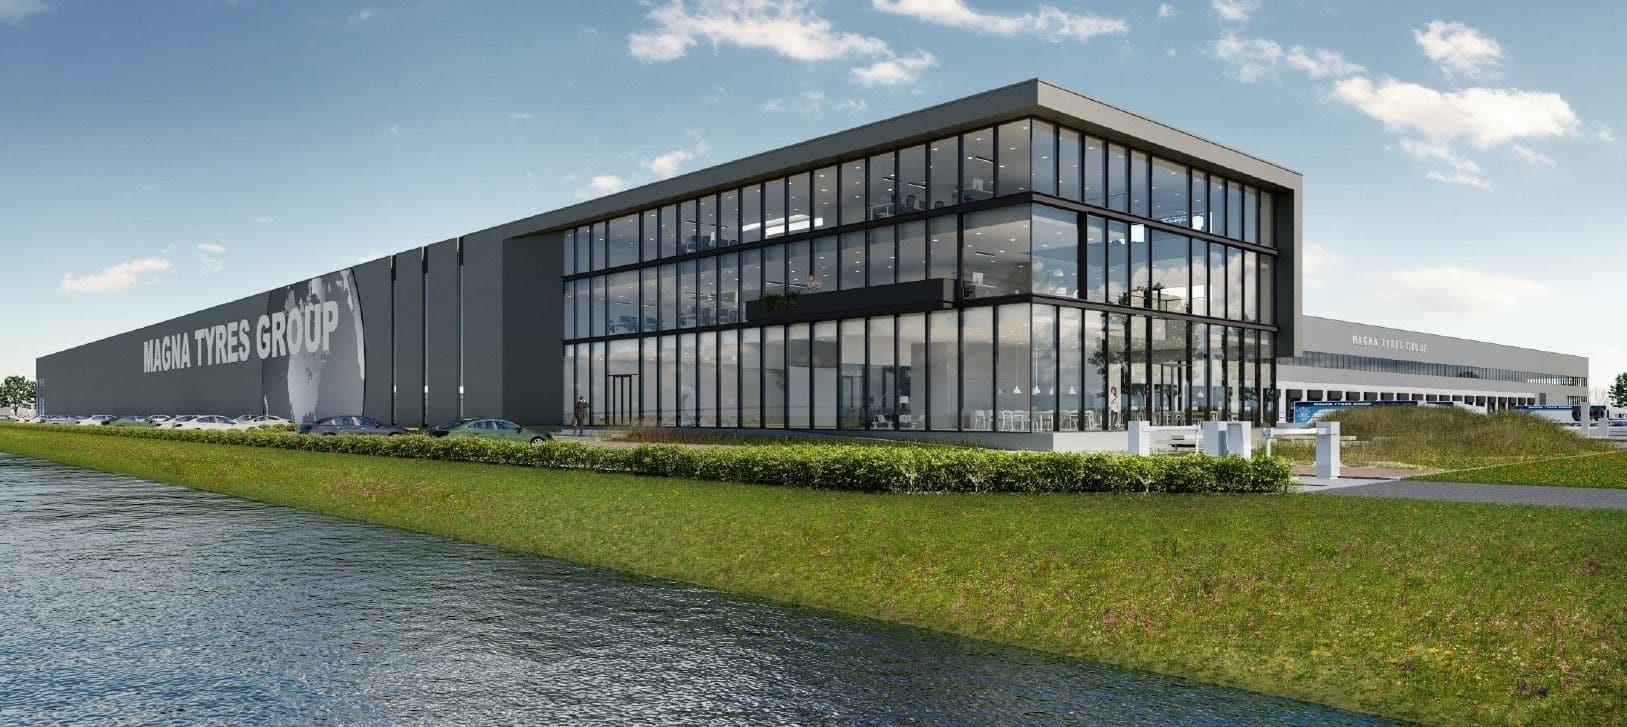 Nieuwbouw Magna Tyres Waalwijk